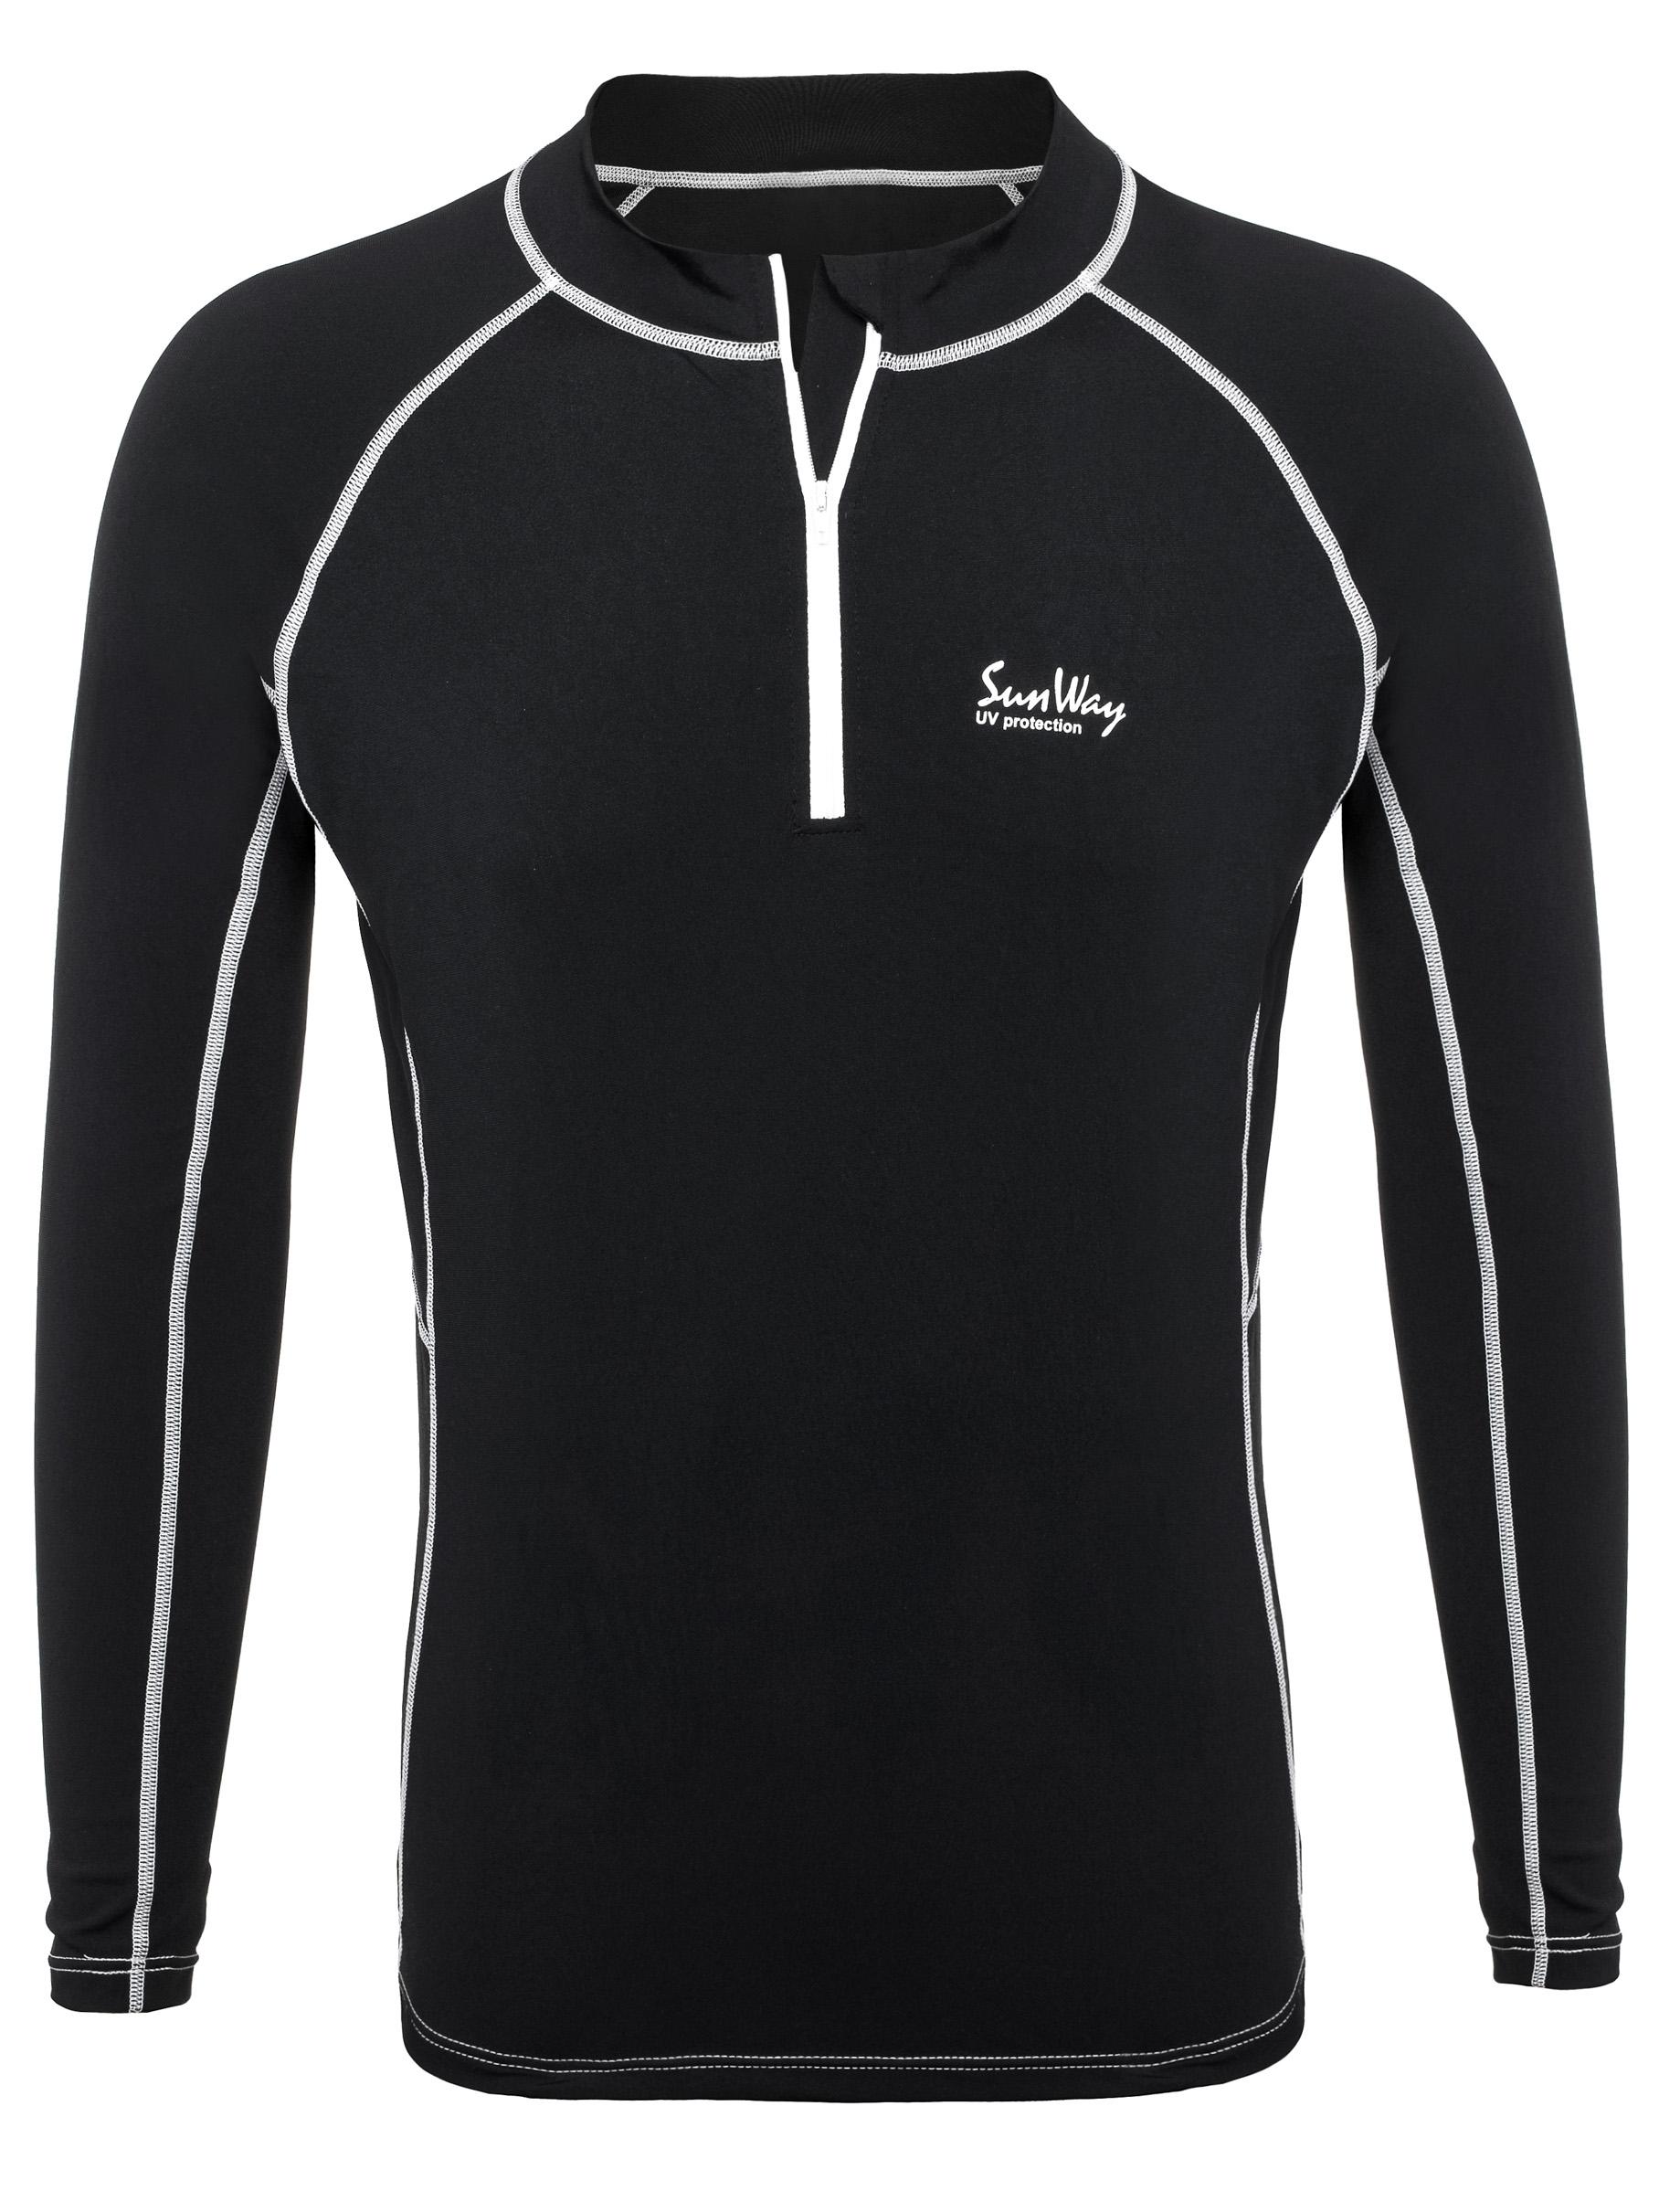 Long Sleeve Rash Guard Shirt With Zipper